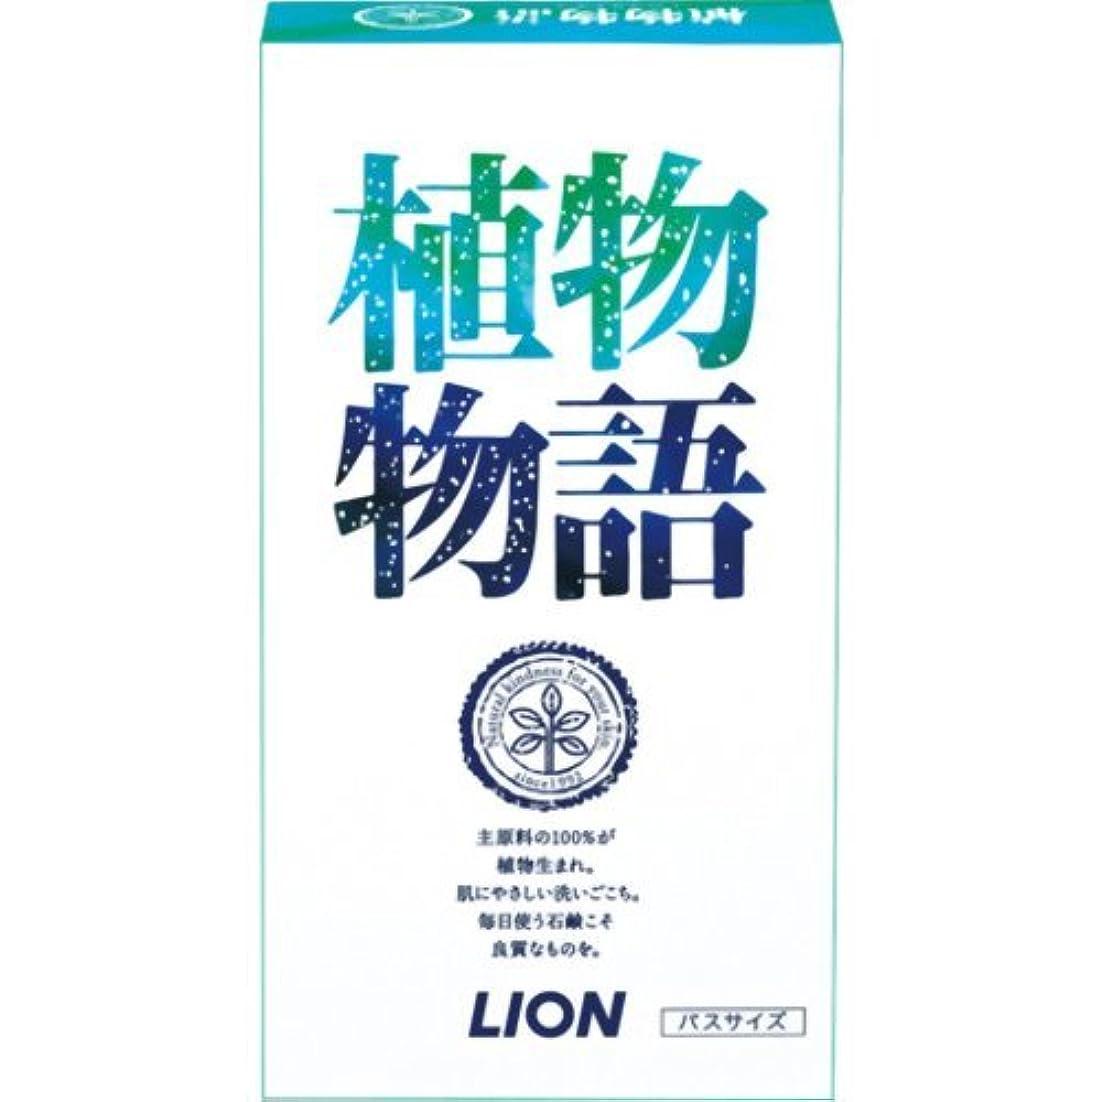 メモ前提条件カルシウム植物物語化粧石鹸バスサイズ 140G 3個箱